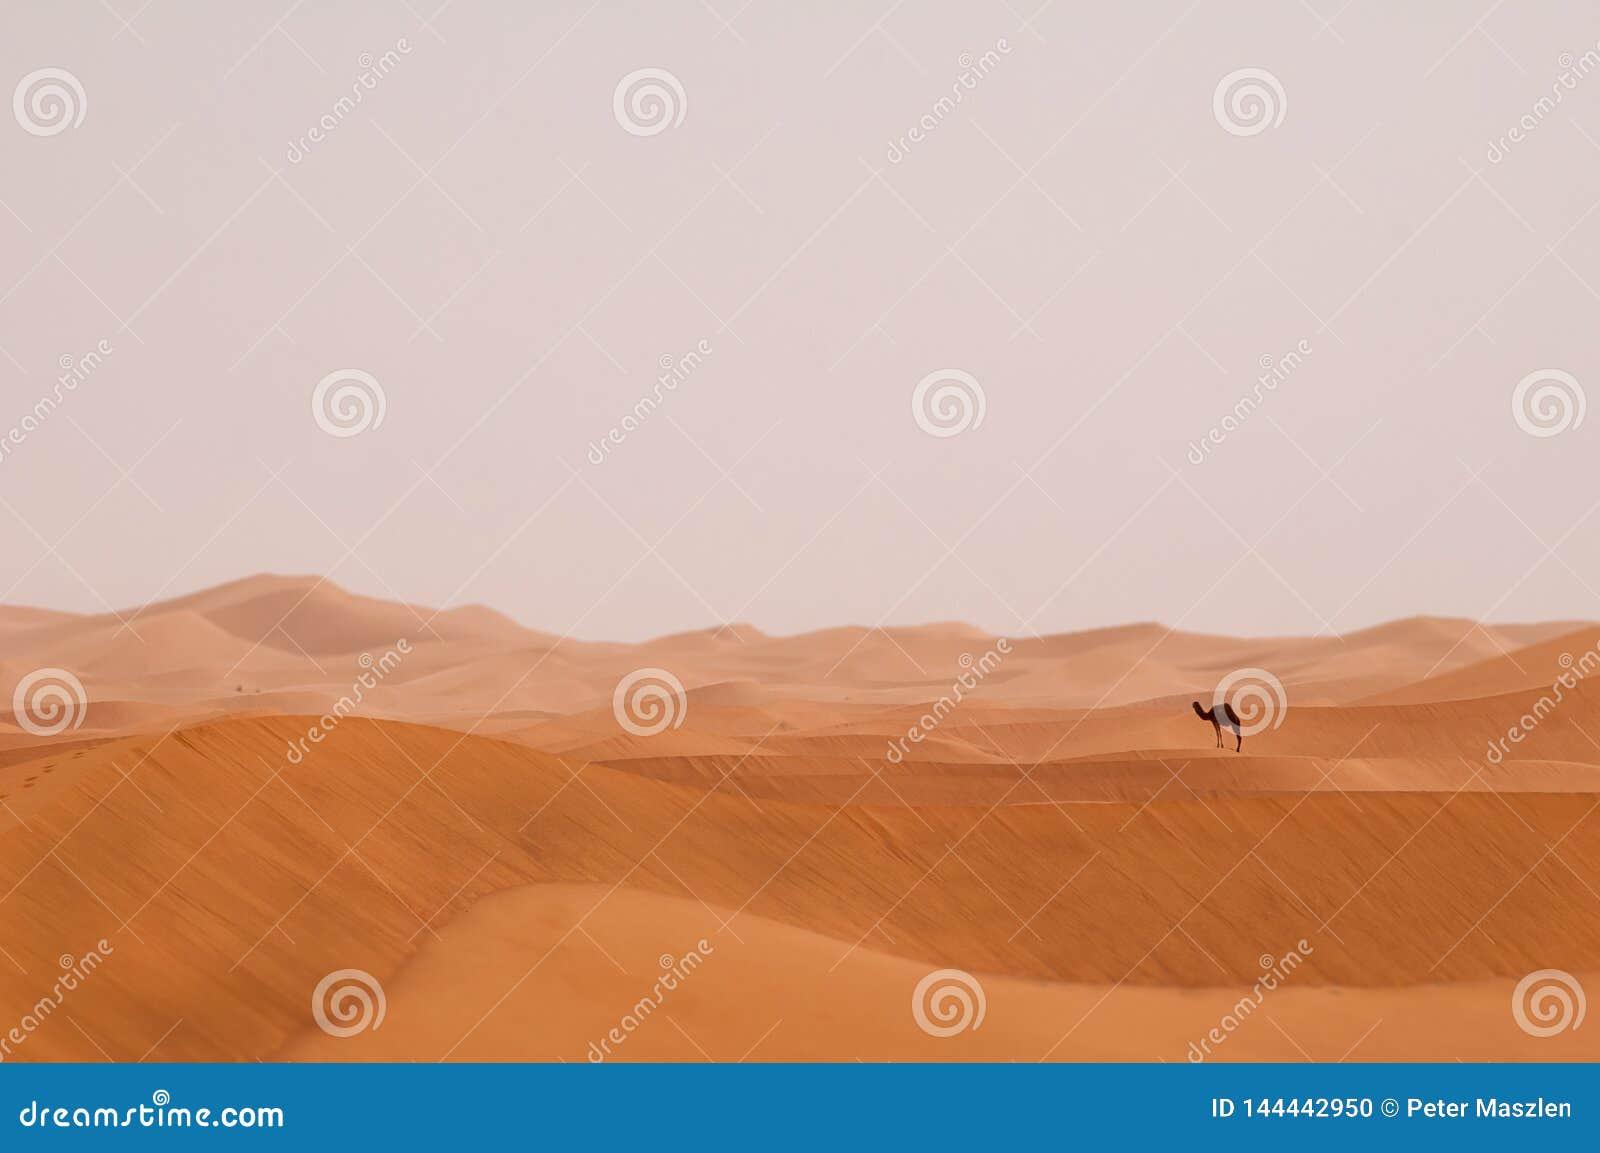 Dromedario solo en Sahara Desert de Marruecos